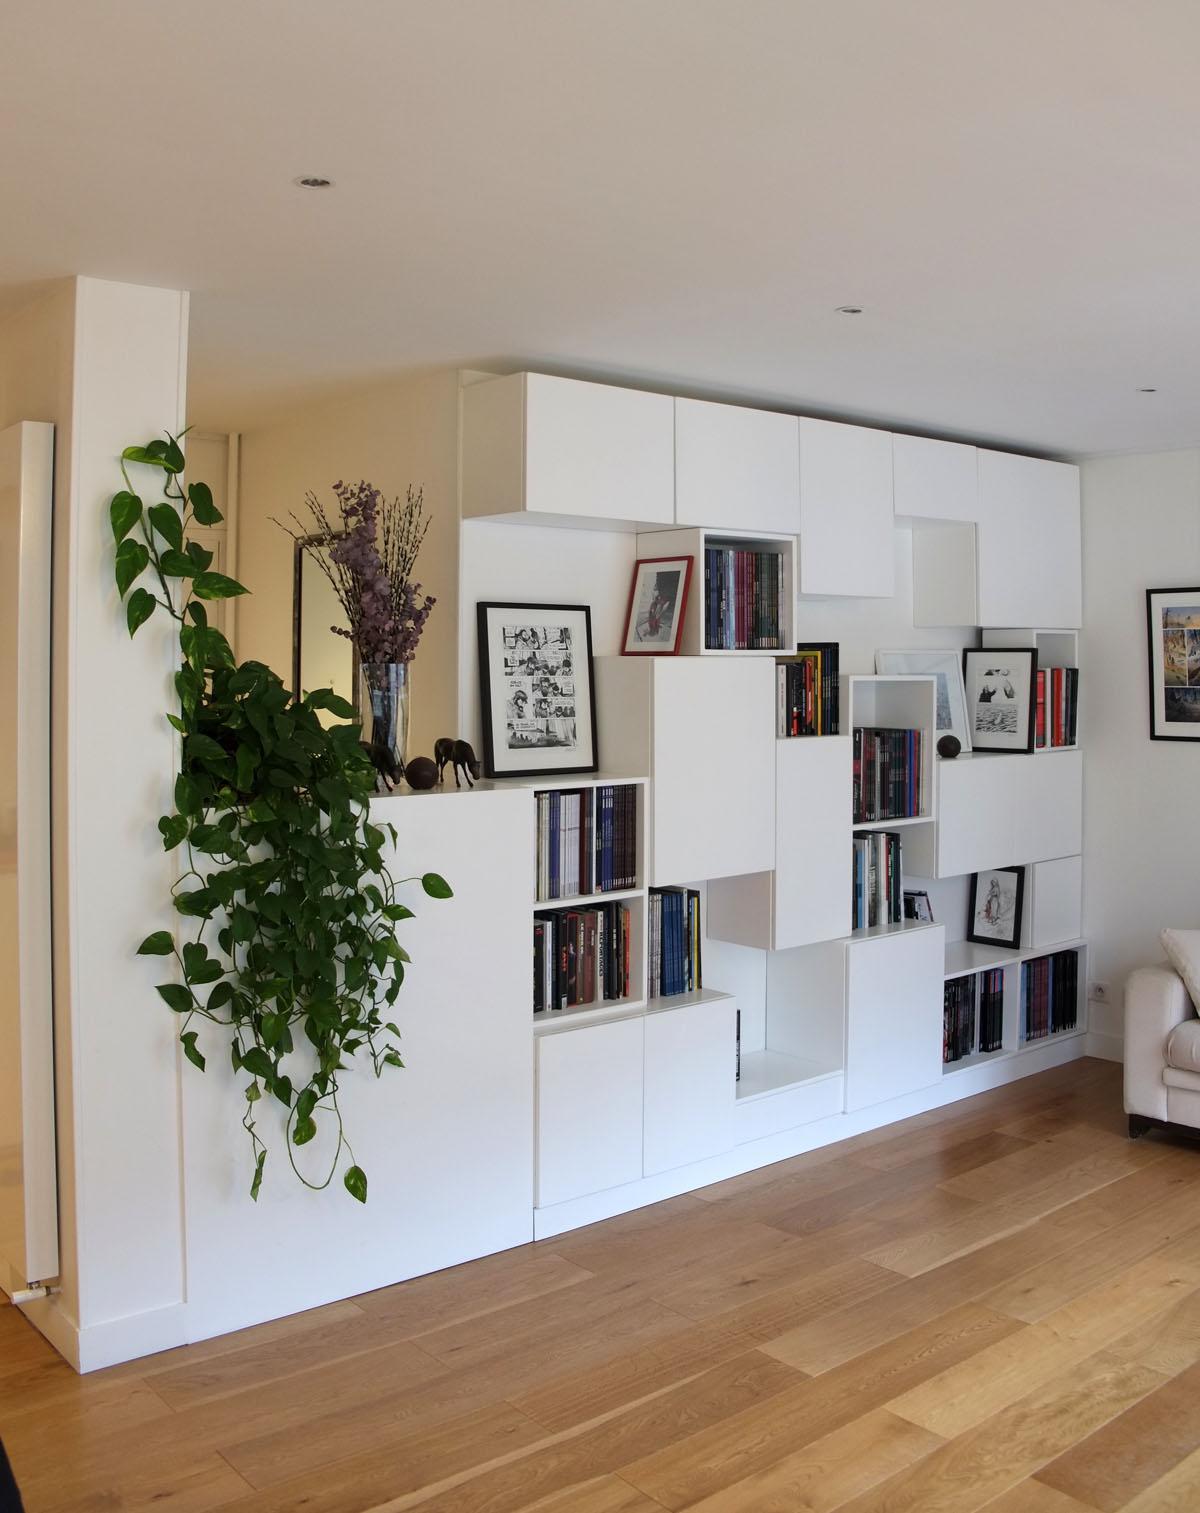 2 bibliotheque Mobilier BD cubes ouverts fermes blanc BD design sur-mesure Agence MAJOTIK